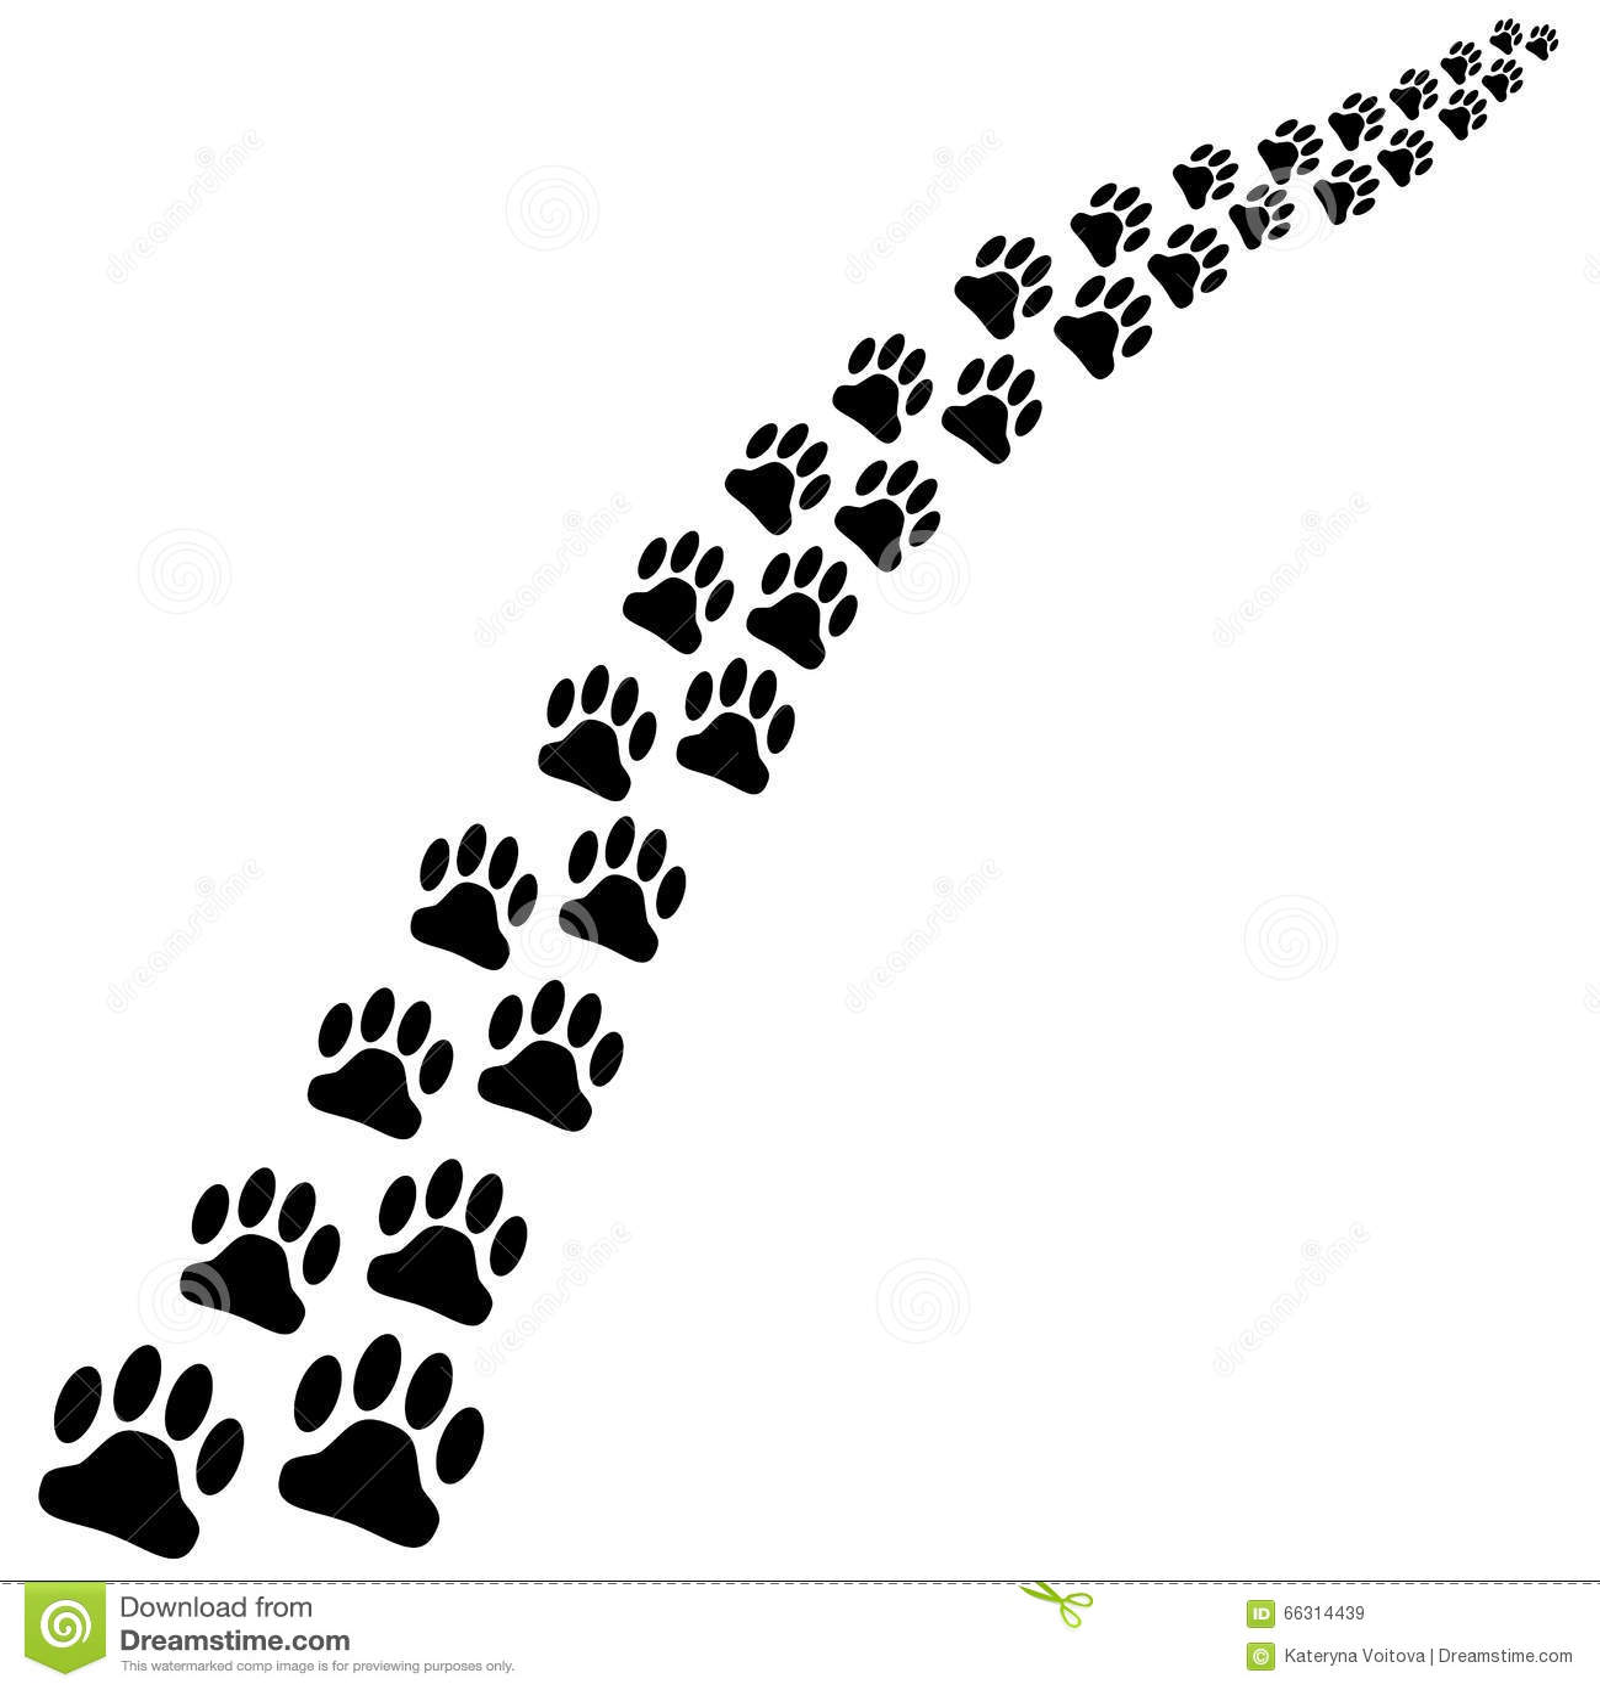 cat paw symbol